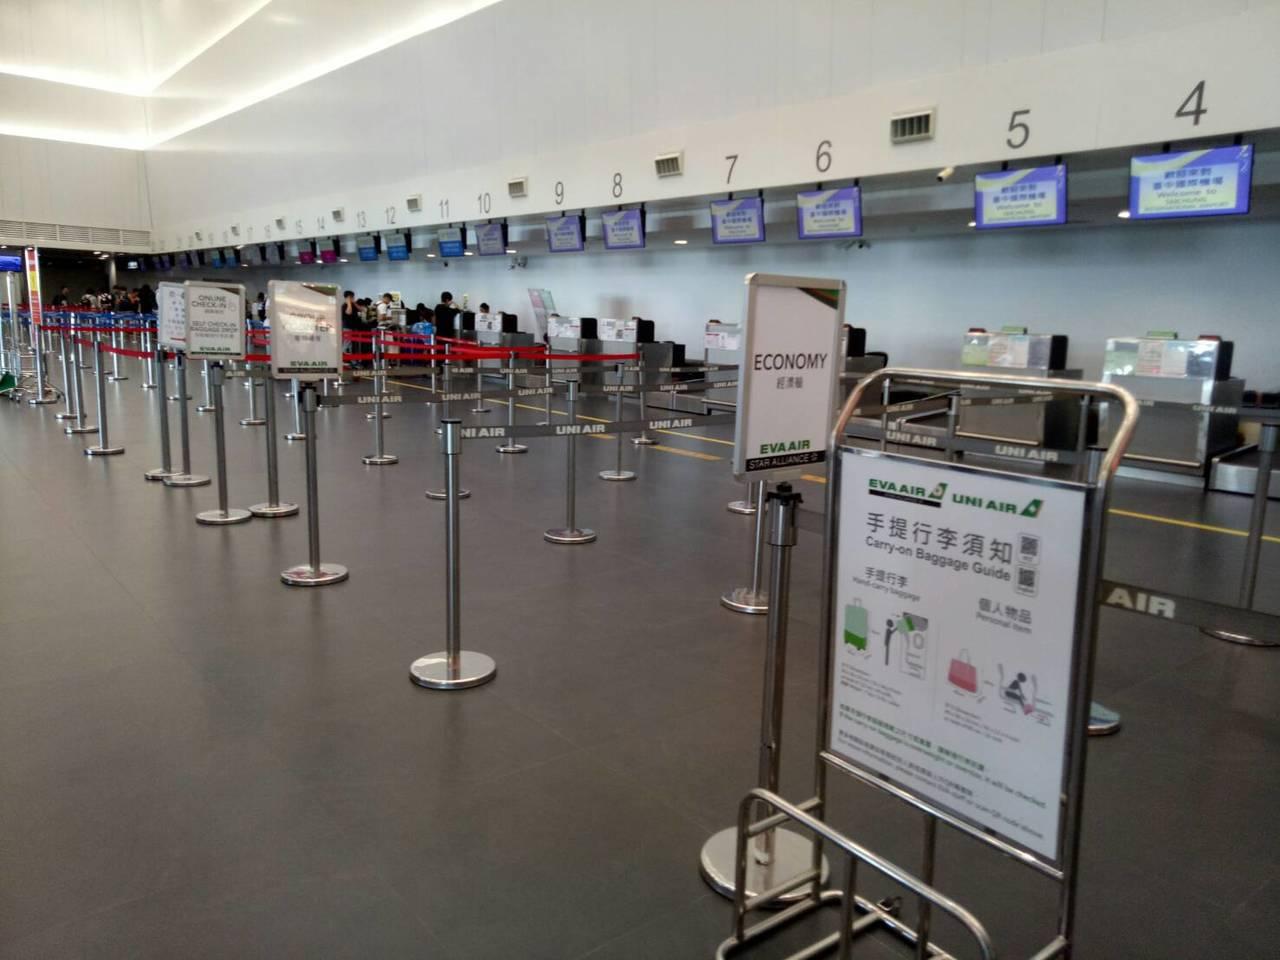 台中機場長榮航空櫃台前今天下午後空蕩,因為國際線班機早上已起飛。記者游振昇/攝影